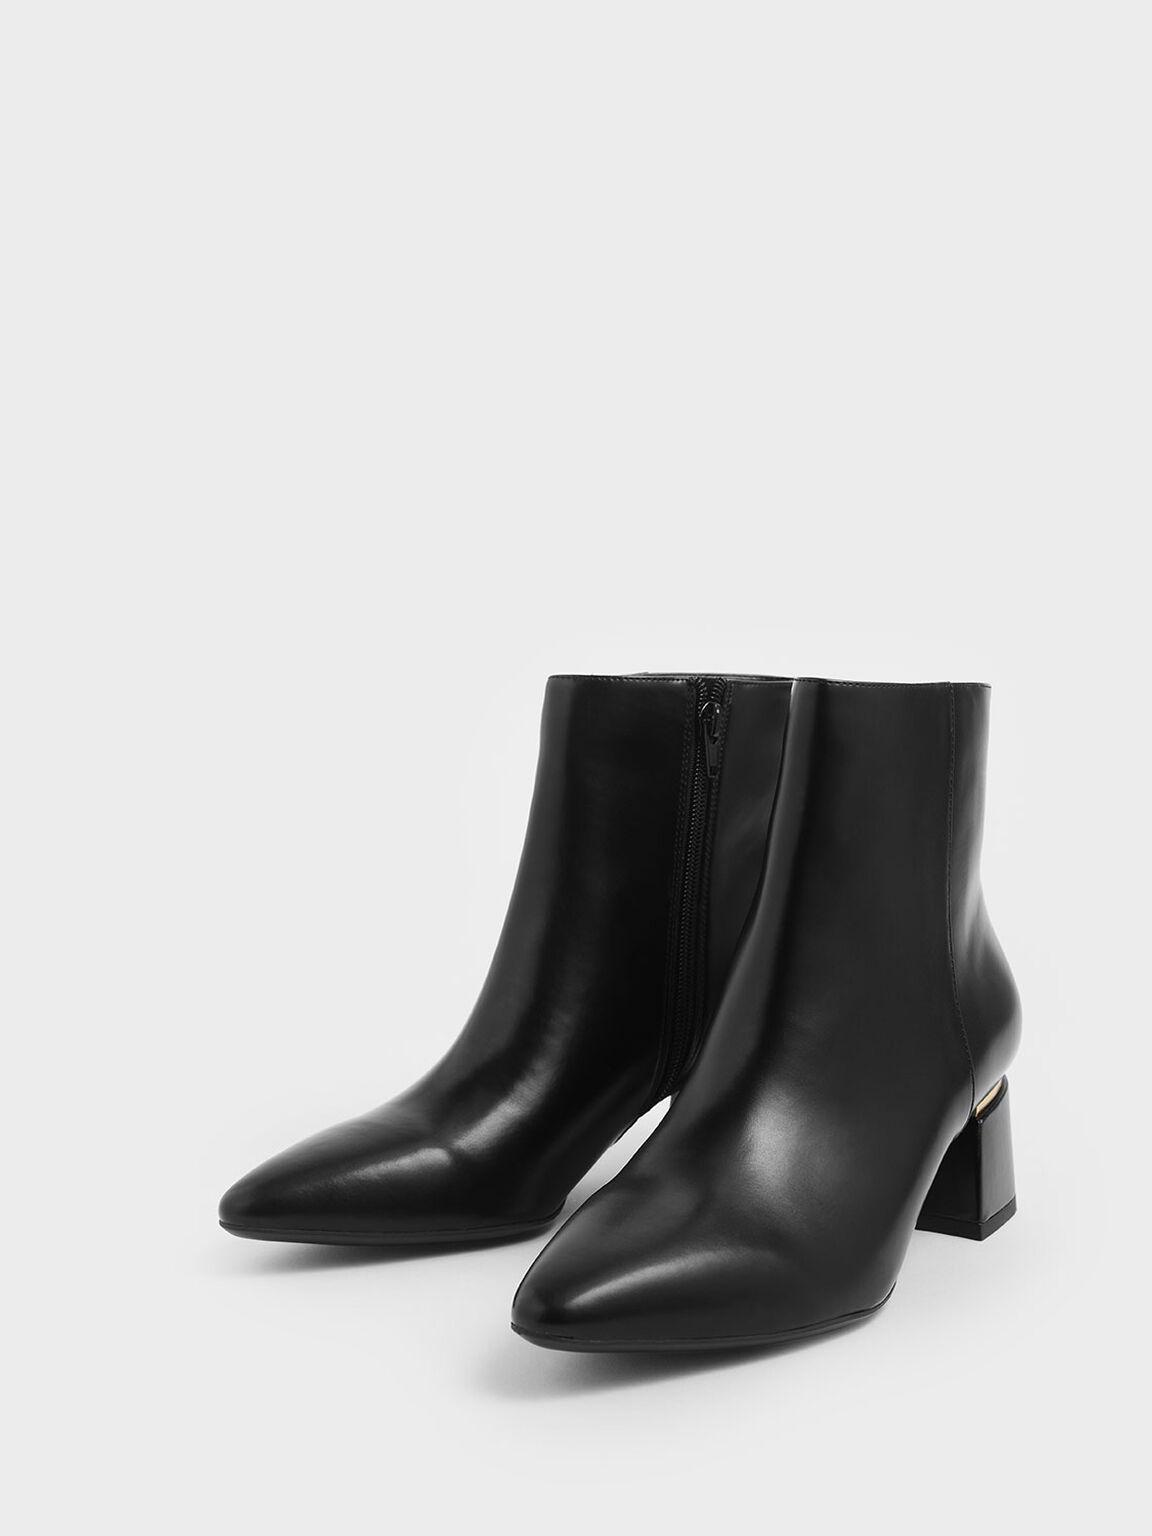 Metal Accent Block Heel Ankle Boots, Black, hi-res